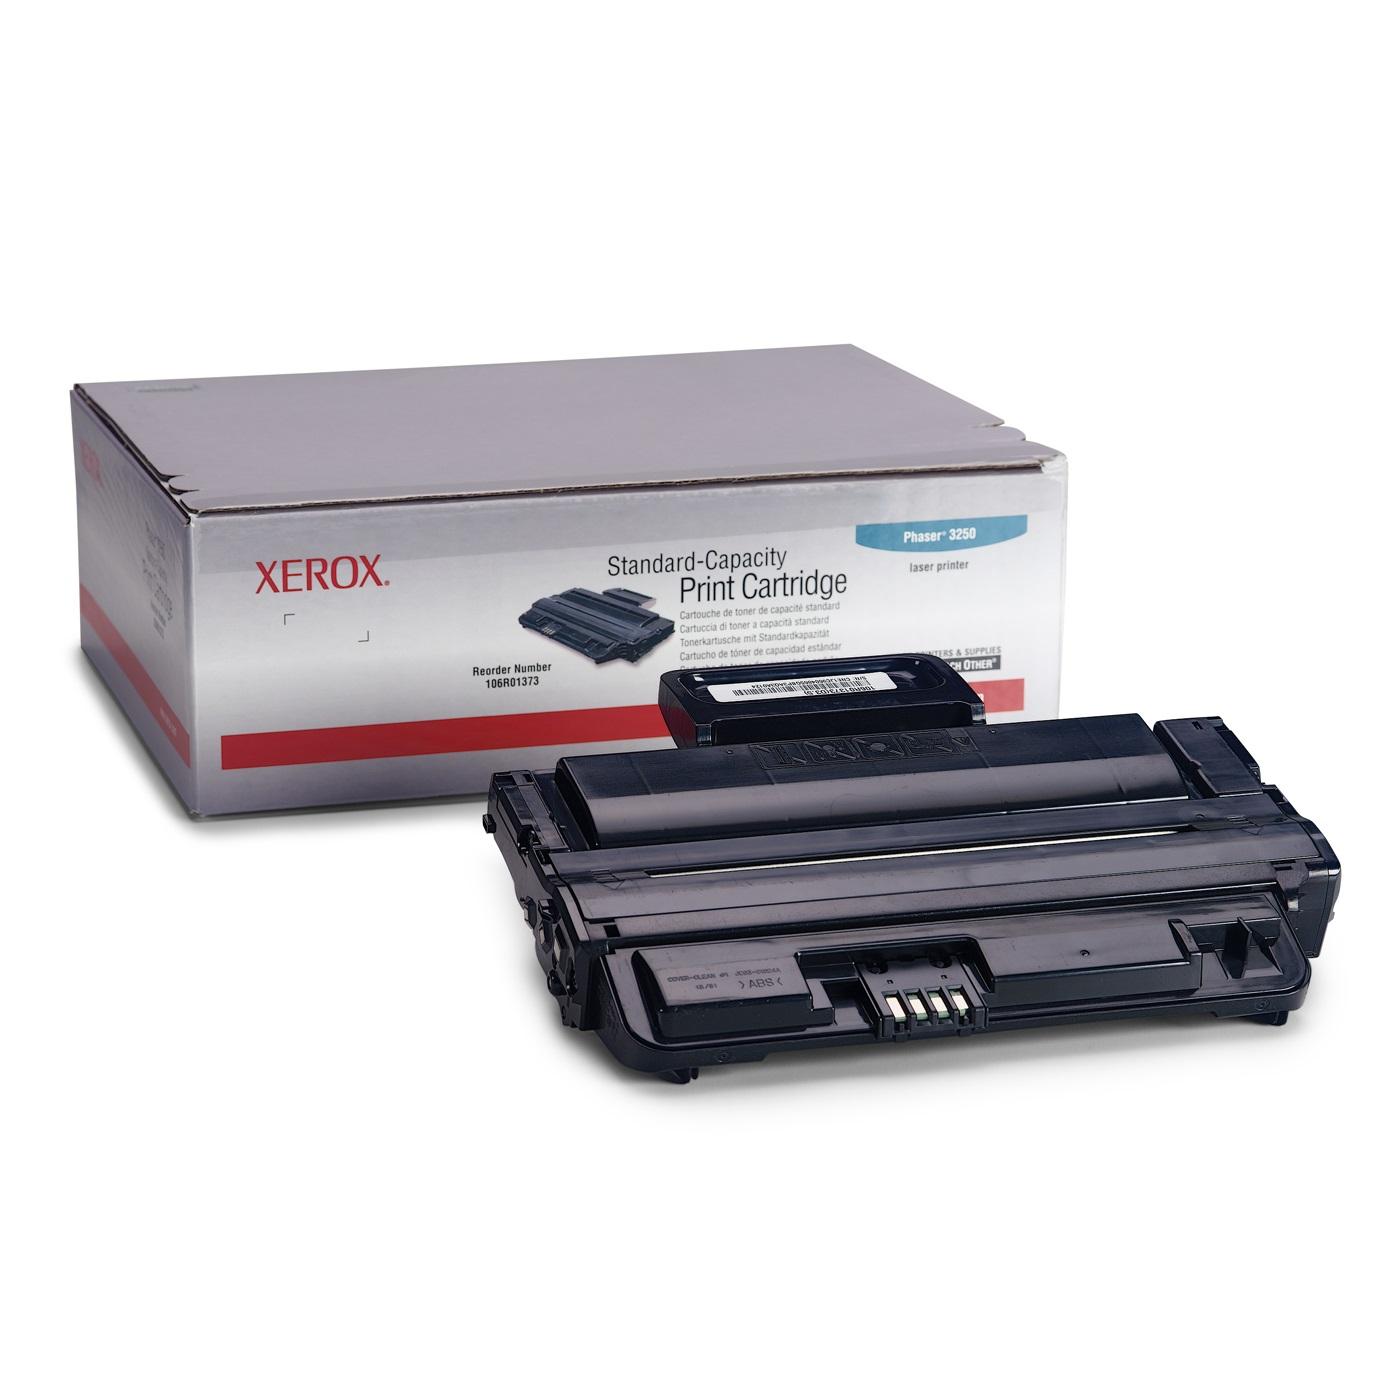 Картридж CACTUS CS-C725/CS-C725S для Canon LBP 6000 i-Sensys 6000b i-Sensys. Чёрный. 1600 страниц.